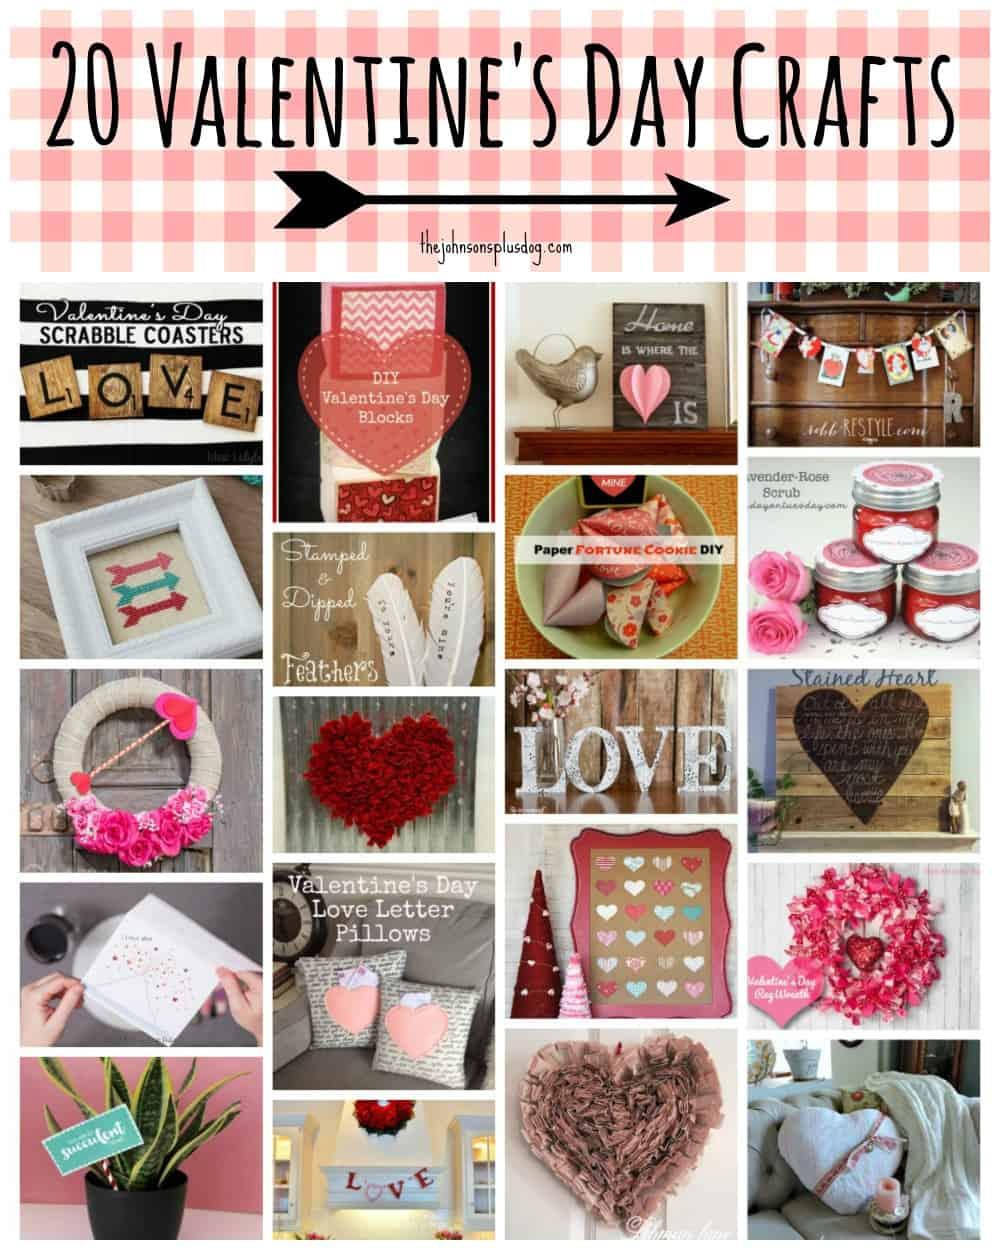 20 Valentine's Day Crafts